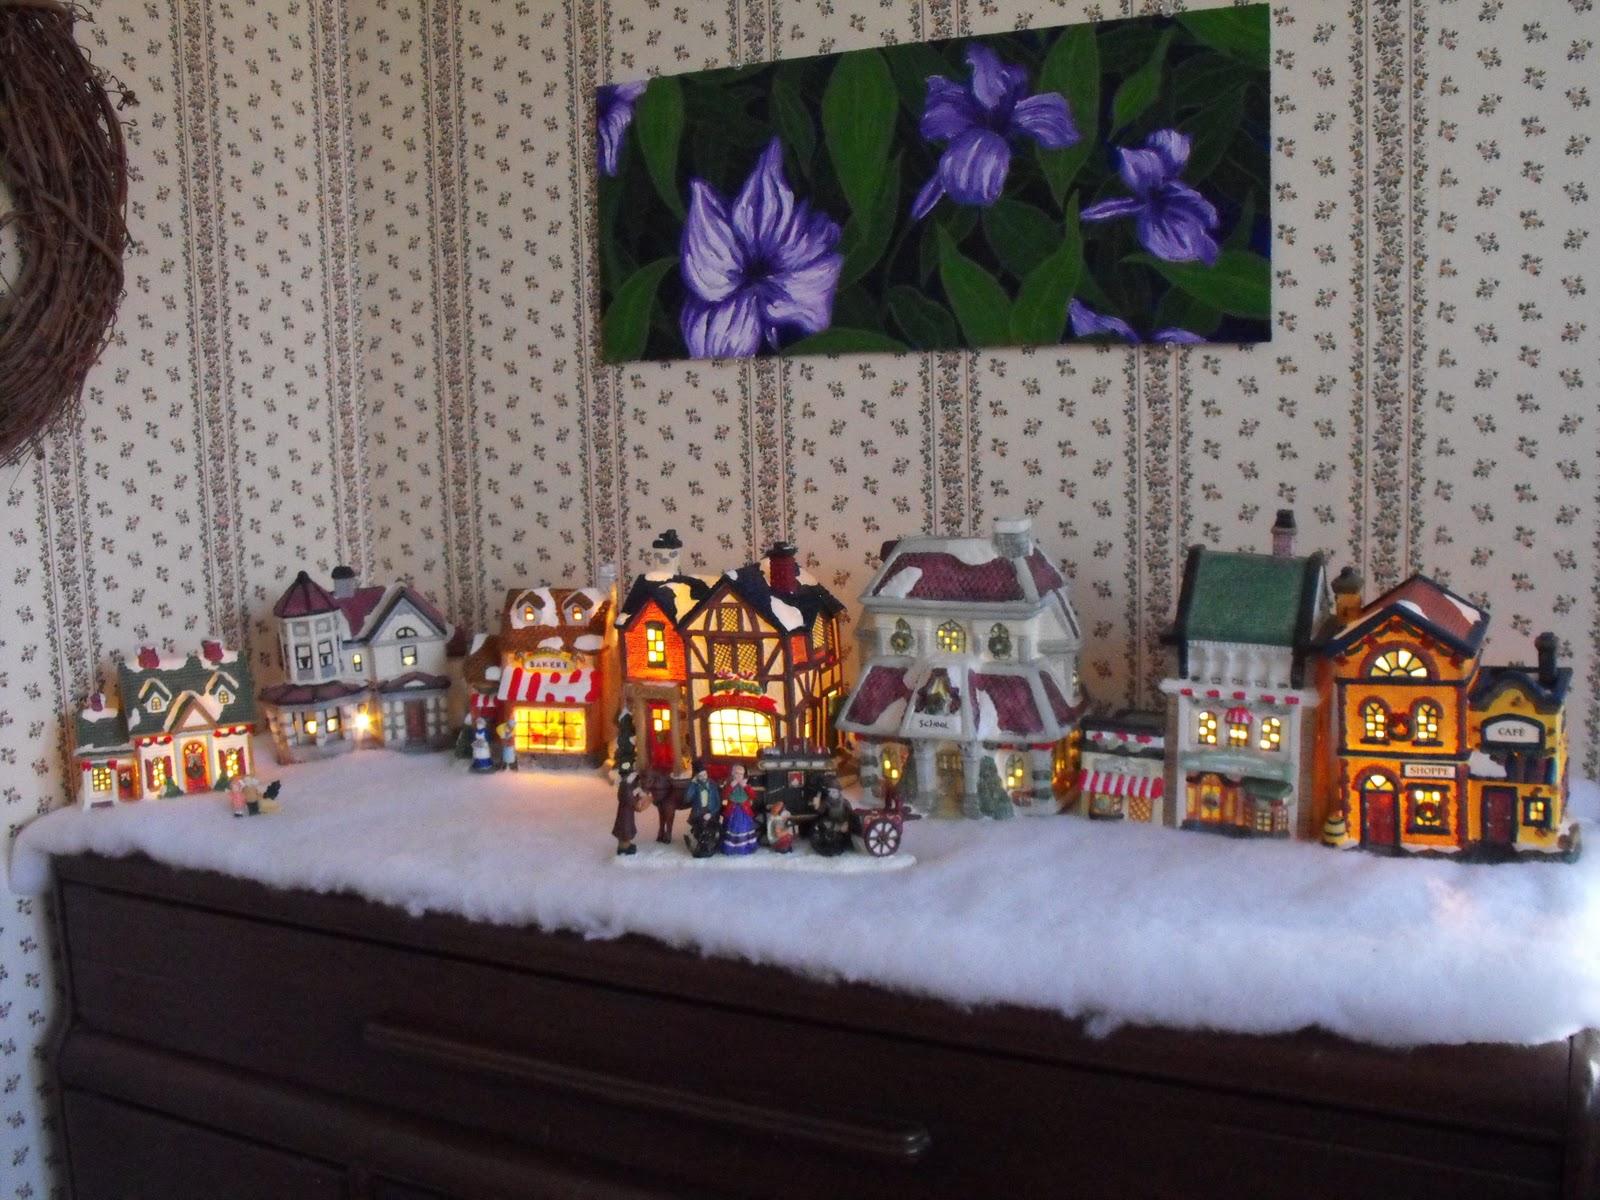 Renaissance Woman Christmas Village Decorations